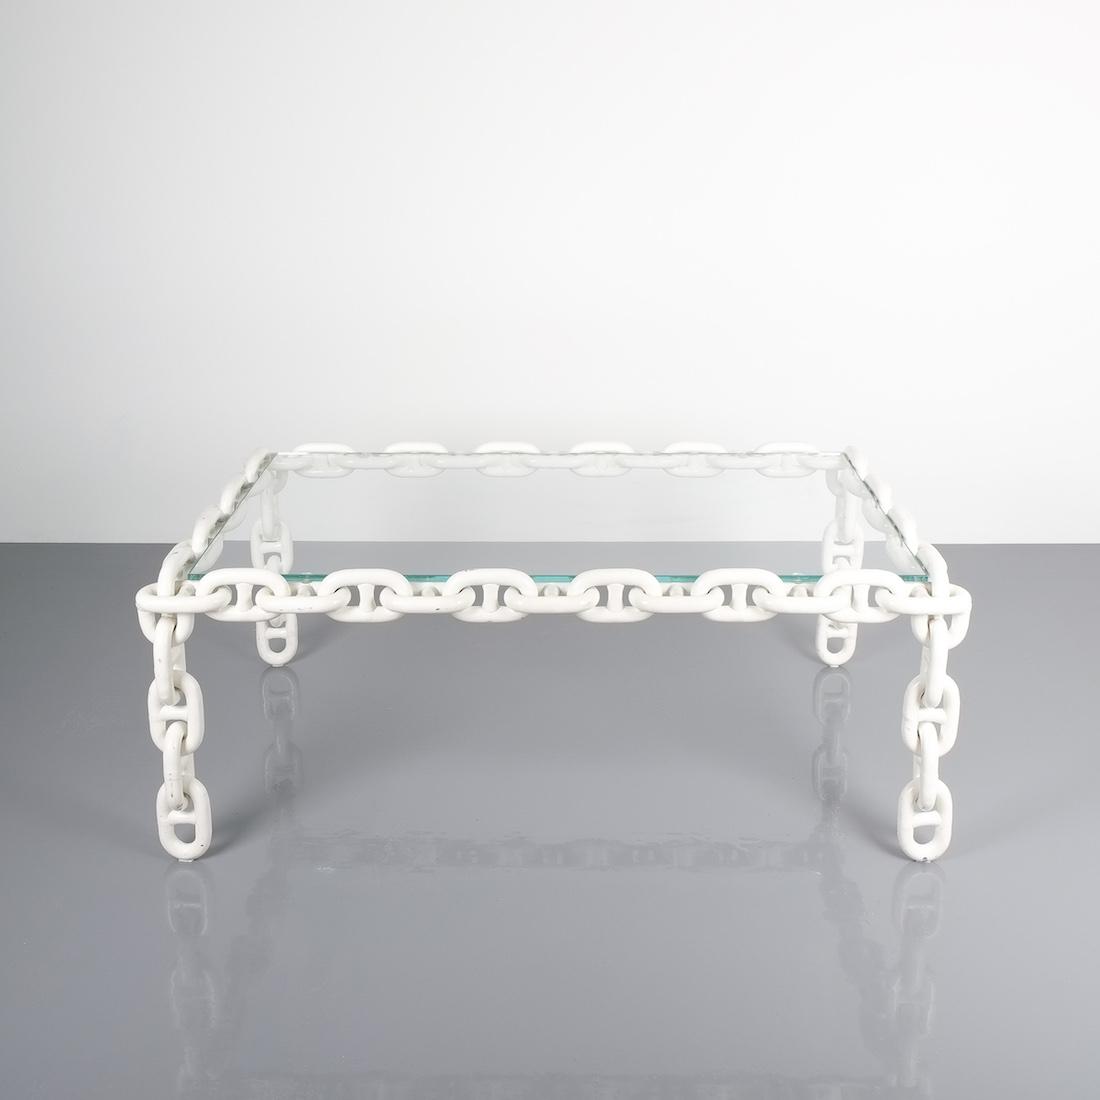 Attirant Chain Link Table Franz West White 3 Kopie